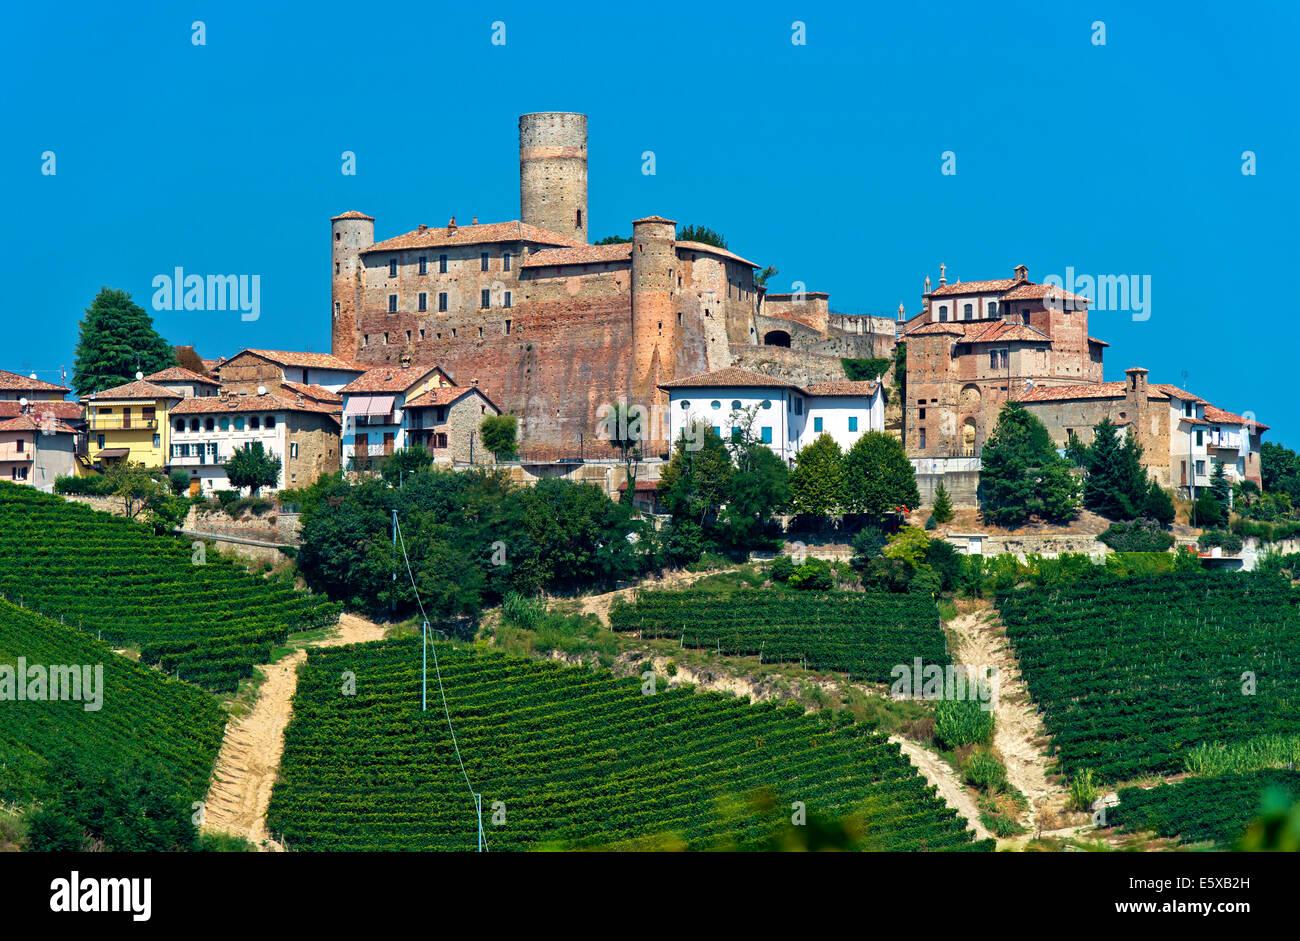 The castle of Castiglione Falletto rising above vineyards, Castiglione Falletto, Province of Cuneo, Piedmont, Italy - Stock Image